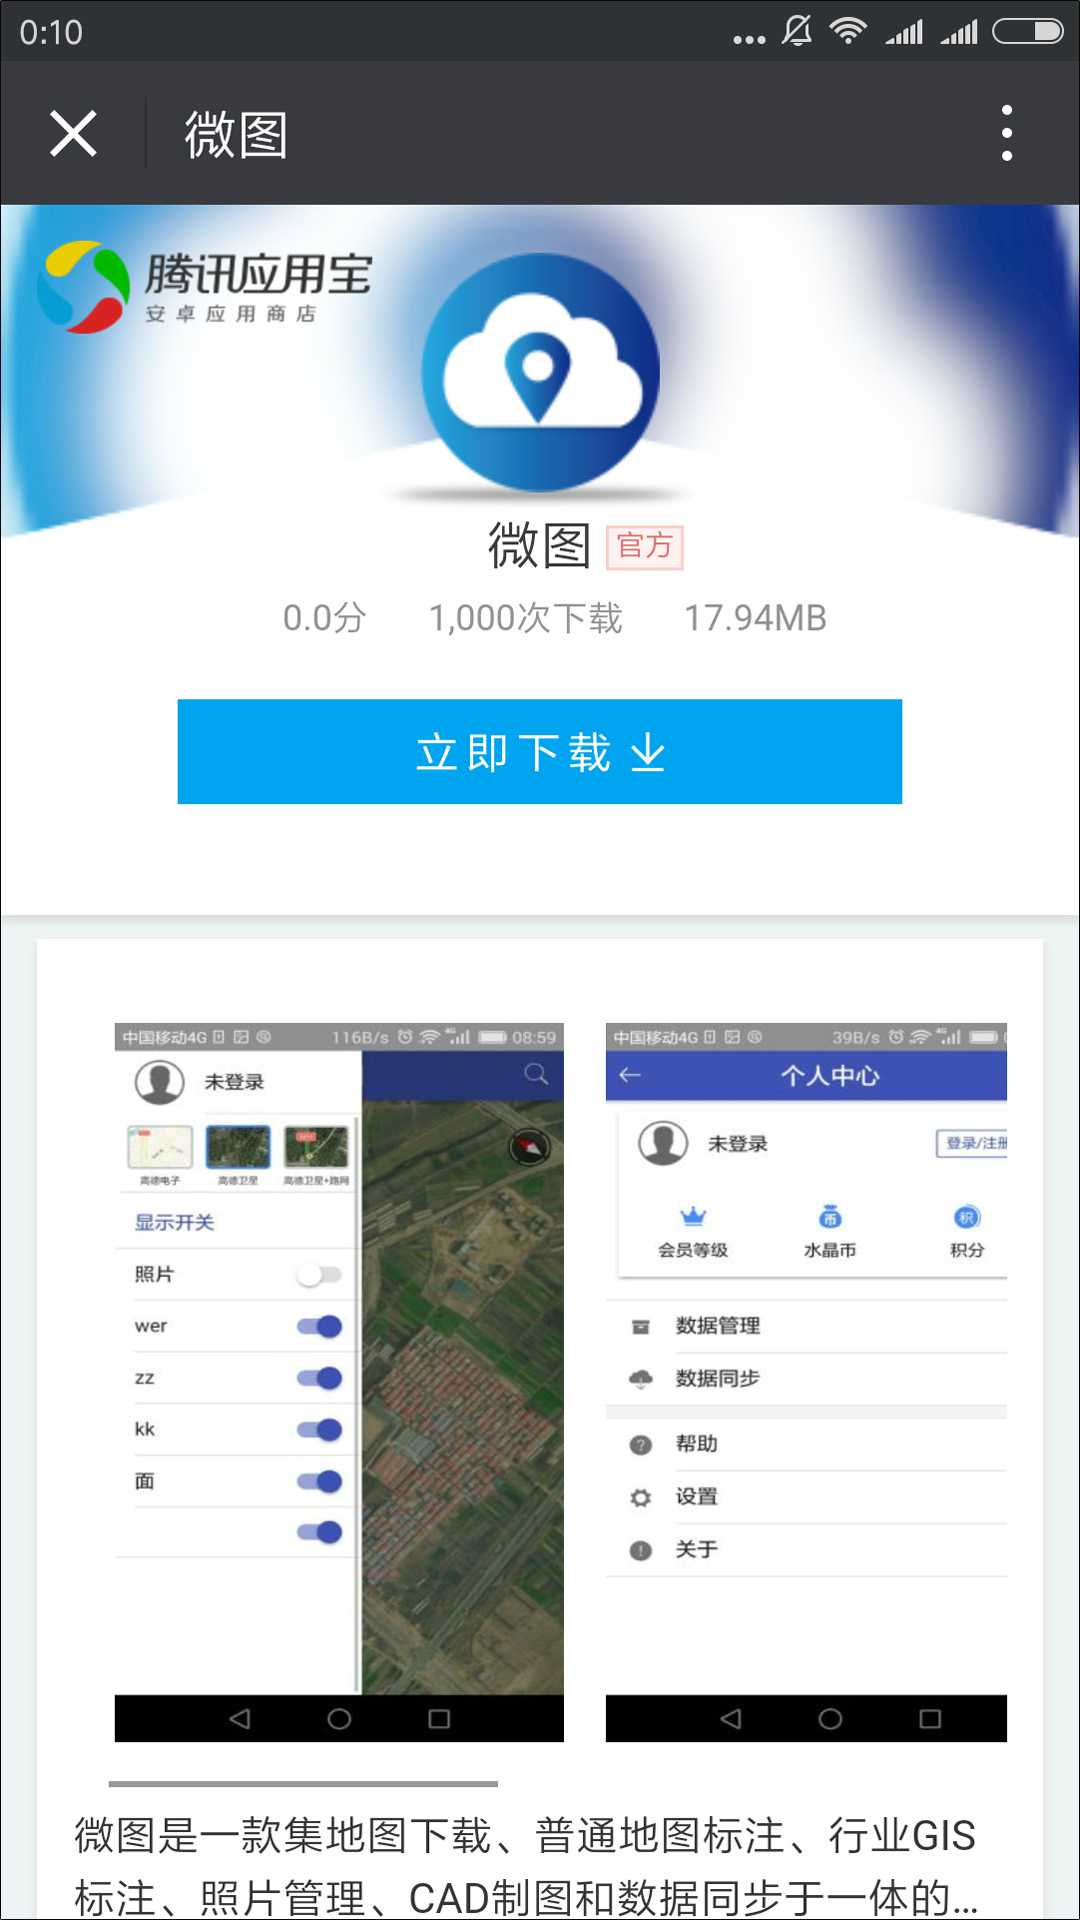 微图APP下载安装.jpg